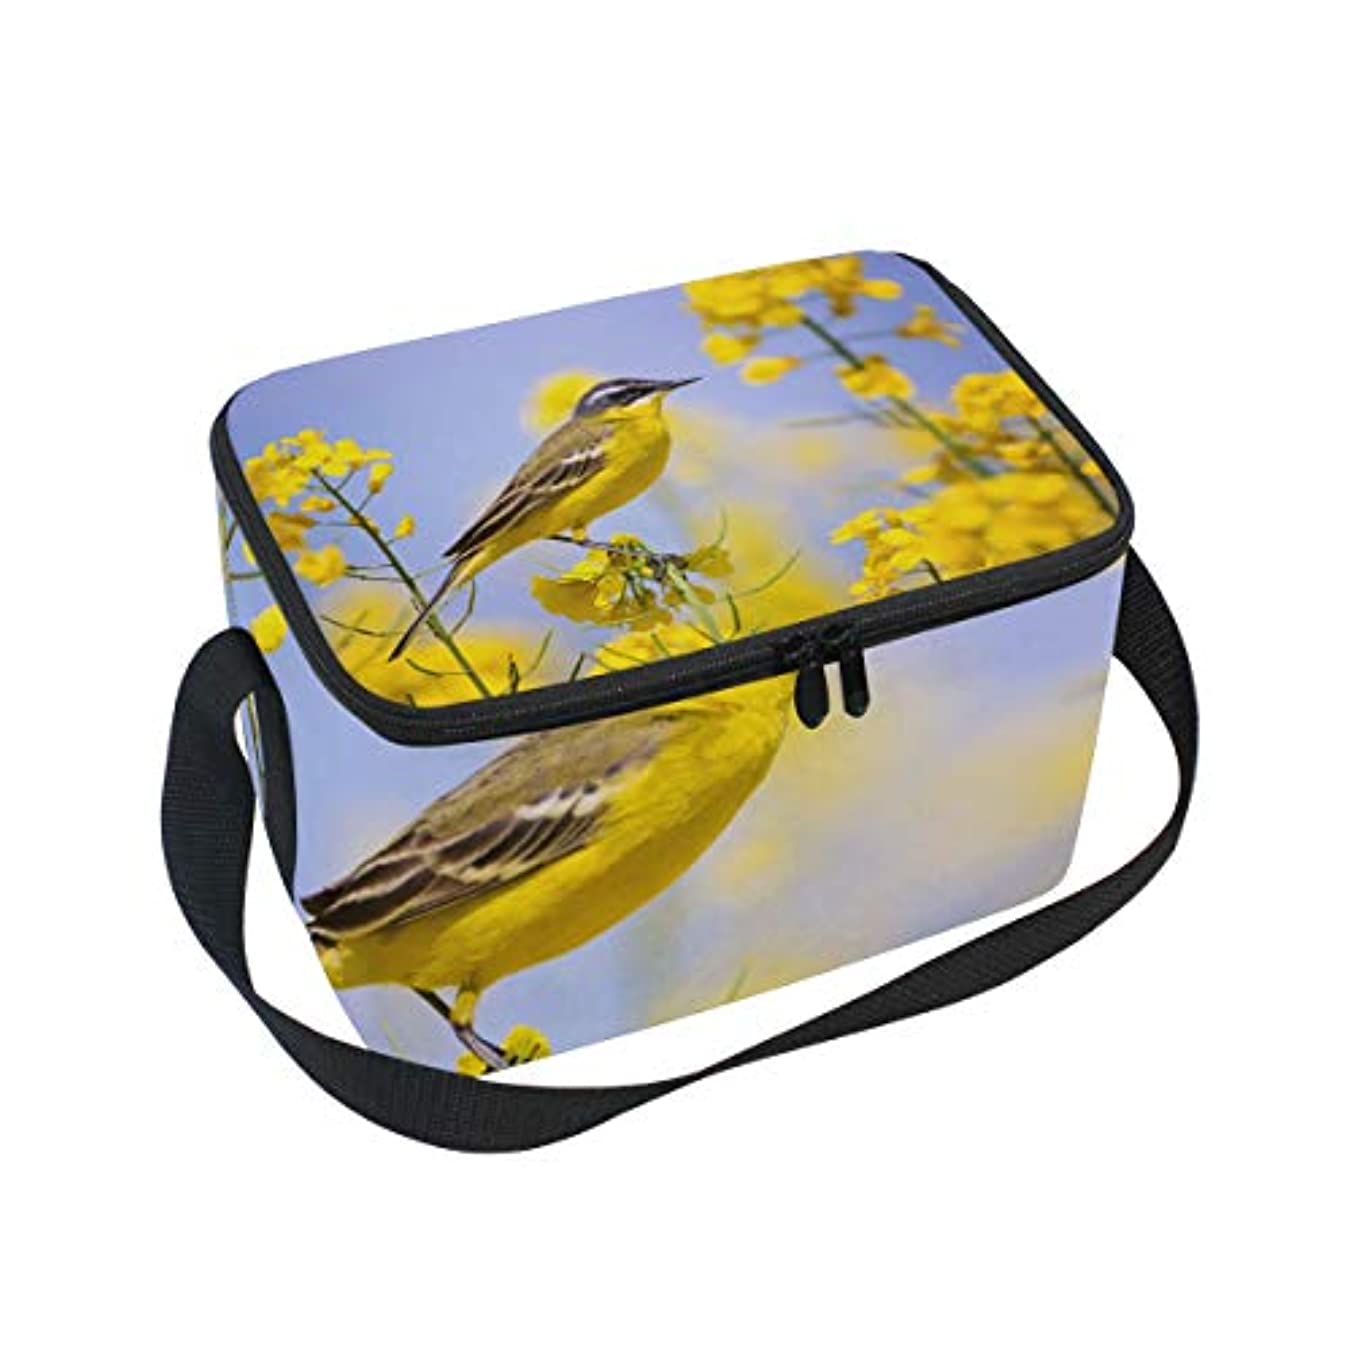 小さな美徳ほんのクーラーバッグ クーラーボックス ソフトクーラ 冷蔵ボックス キャンプ用品 花と鳥柄 黄色 保冷保温 大容量 肩掛け お花見 アウトドア